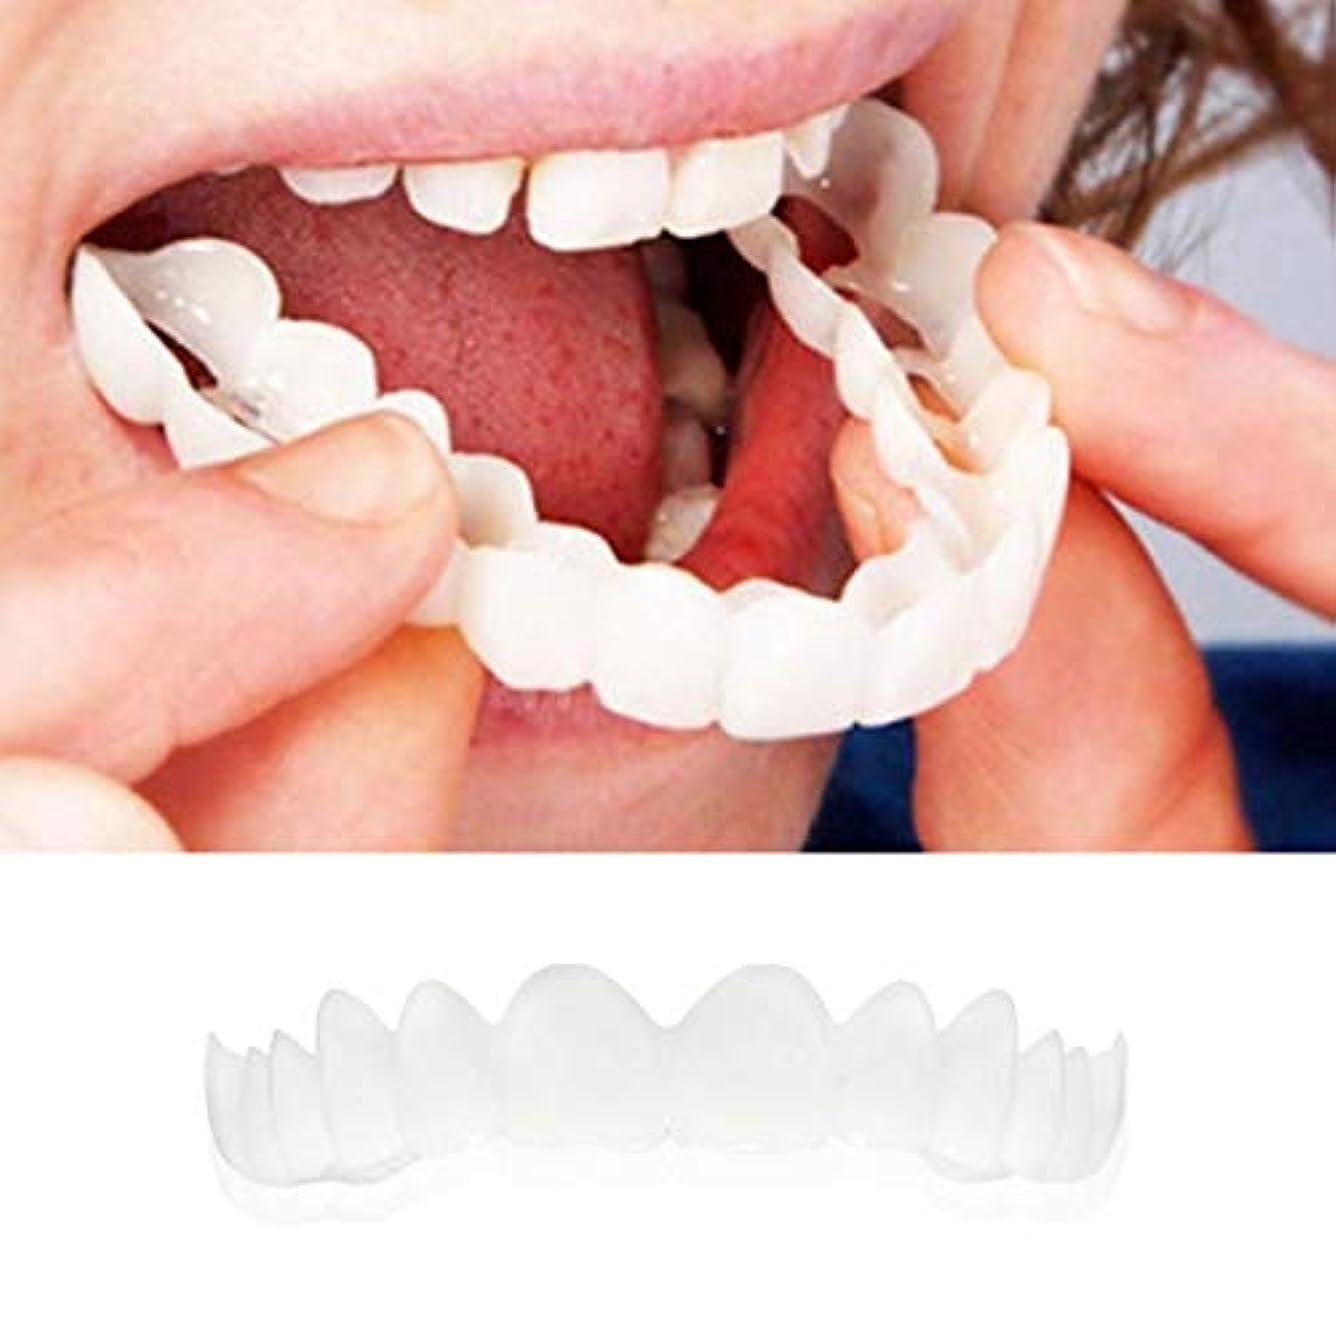 説明する留め金マリン上段 ホワイト義歯 快適な 義歯ケア 模造 義歯